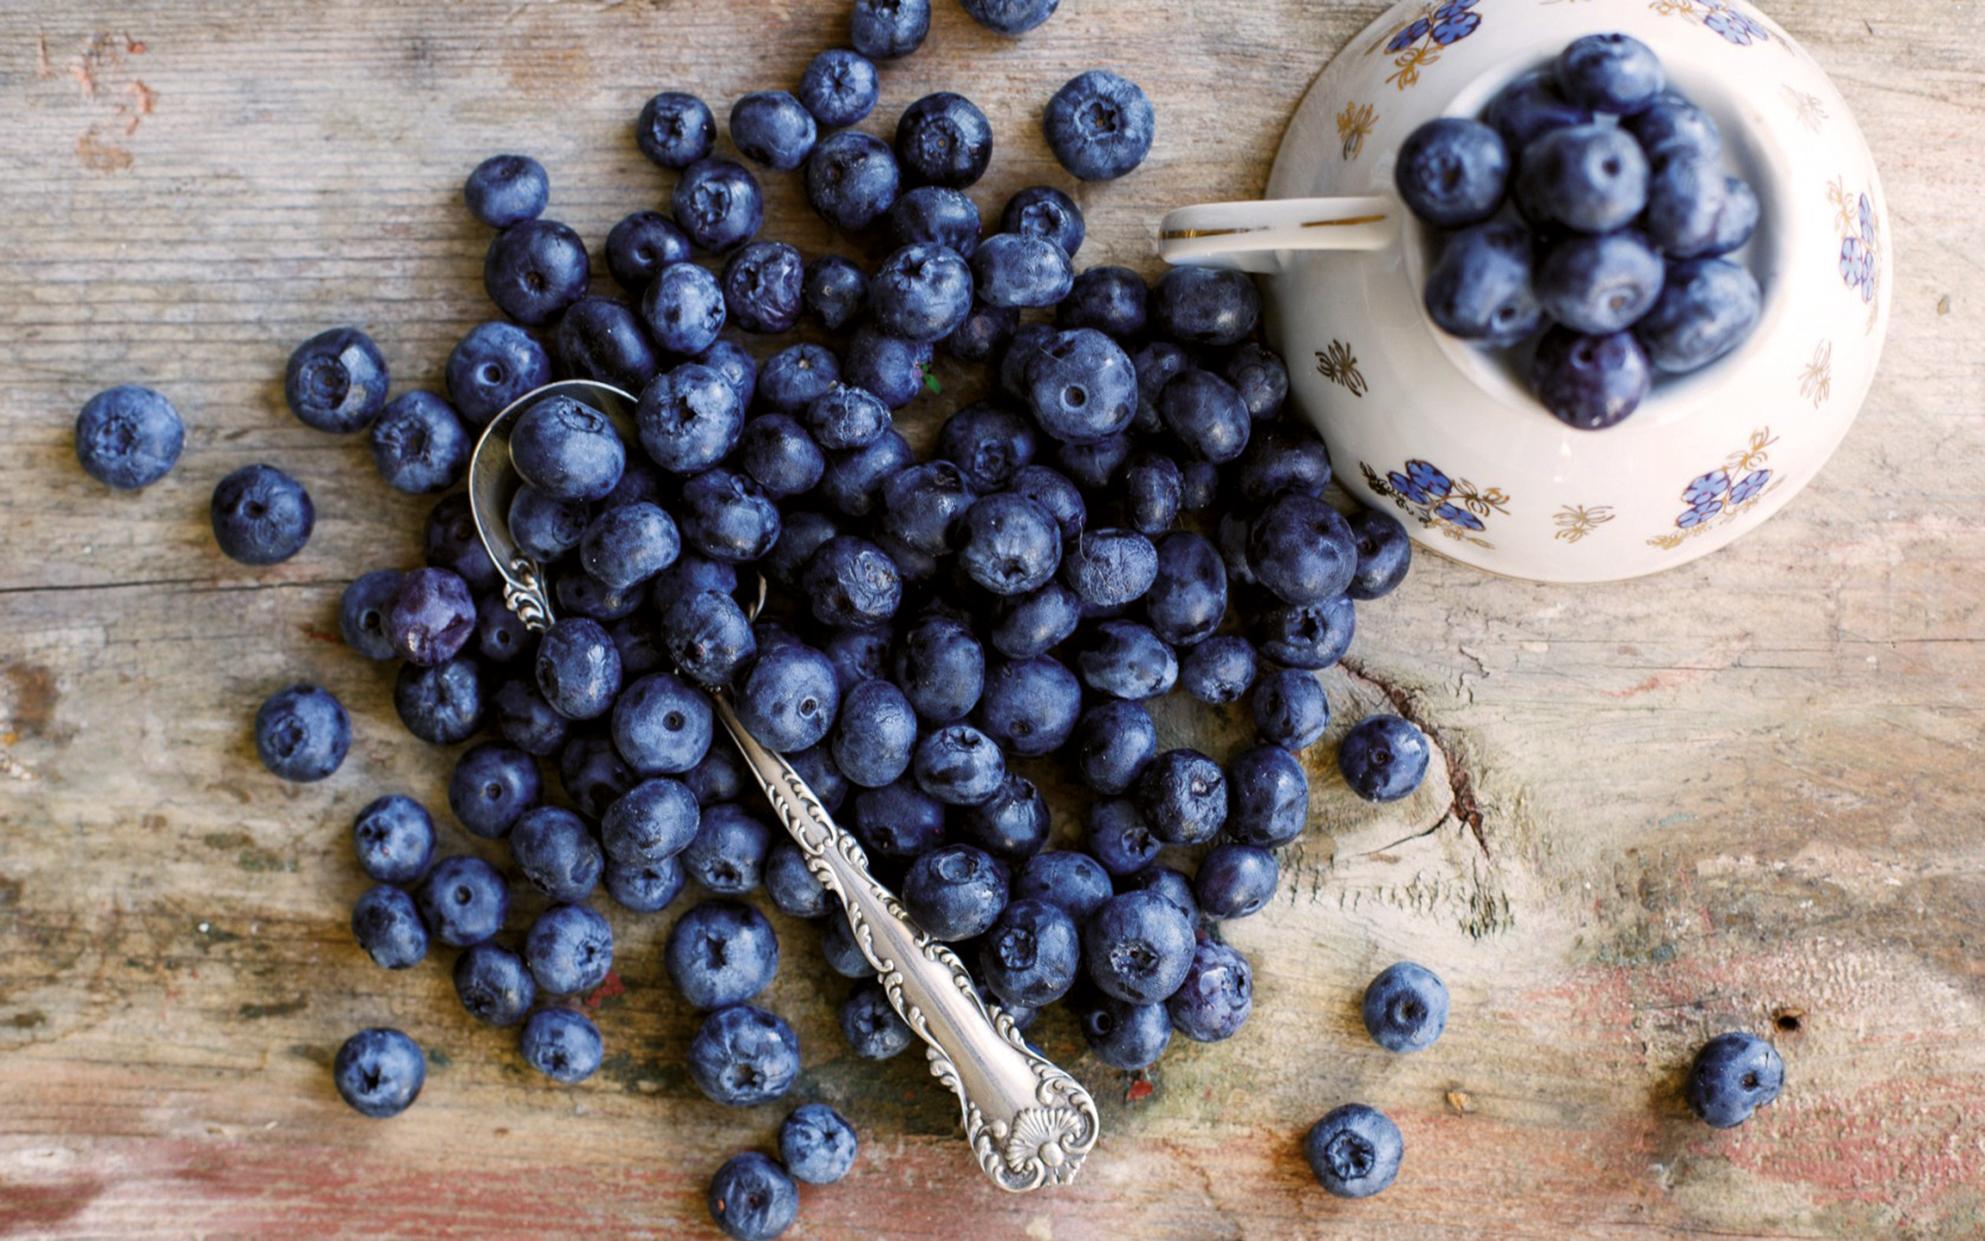 I mirtilli sono una vera e propria miniera di antiossidanti, amici di cuore e vasi sanguigni